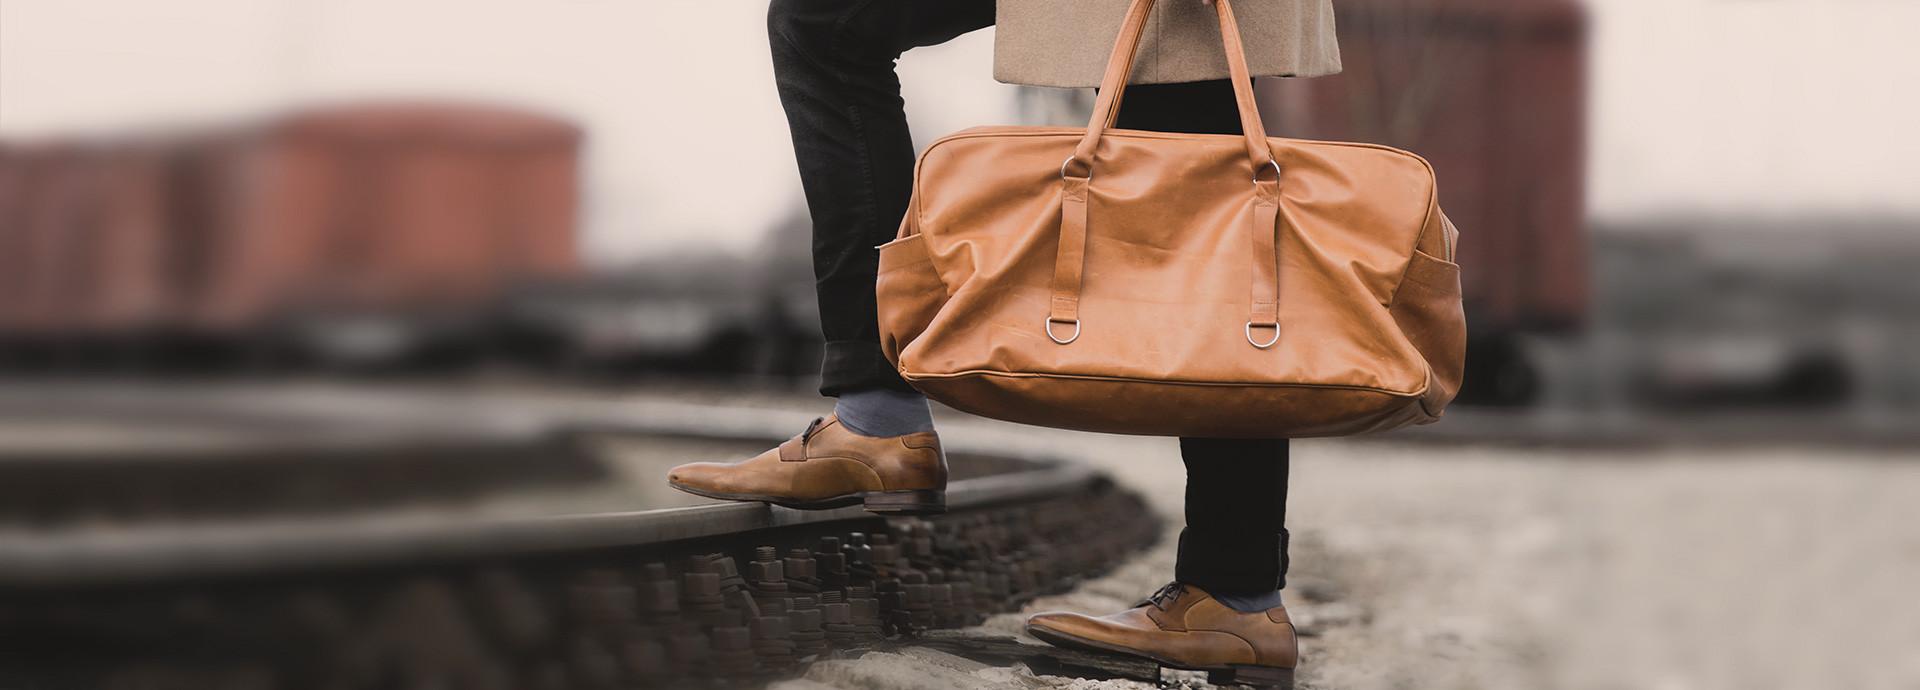 Place Longueuil - Chaussures, sacs à main et bagages